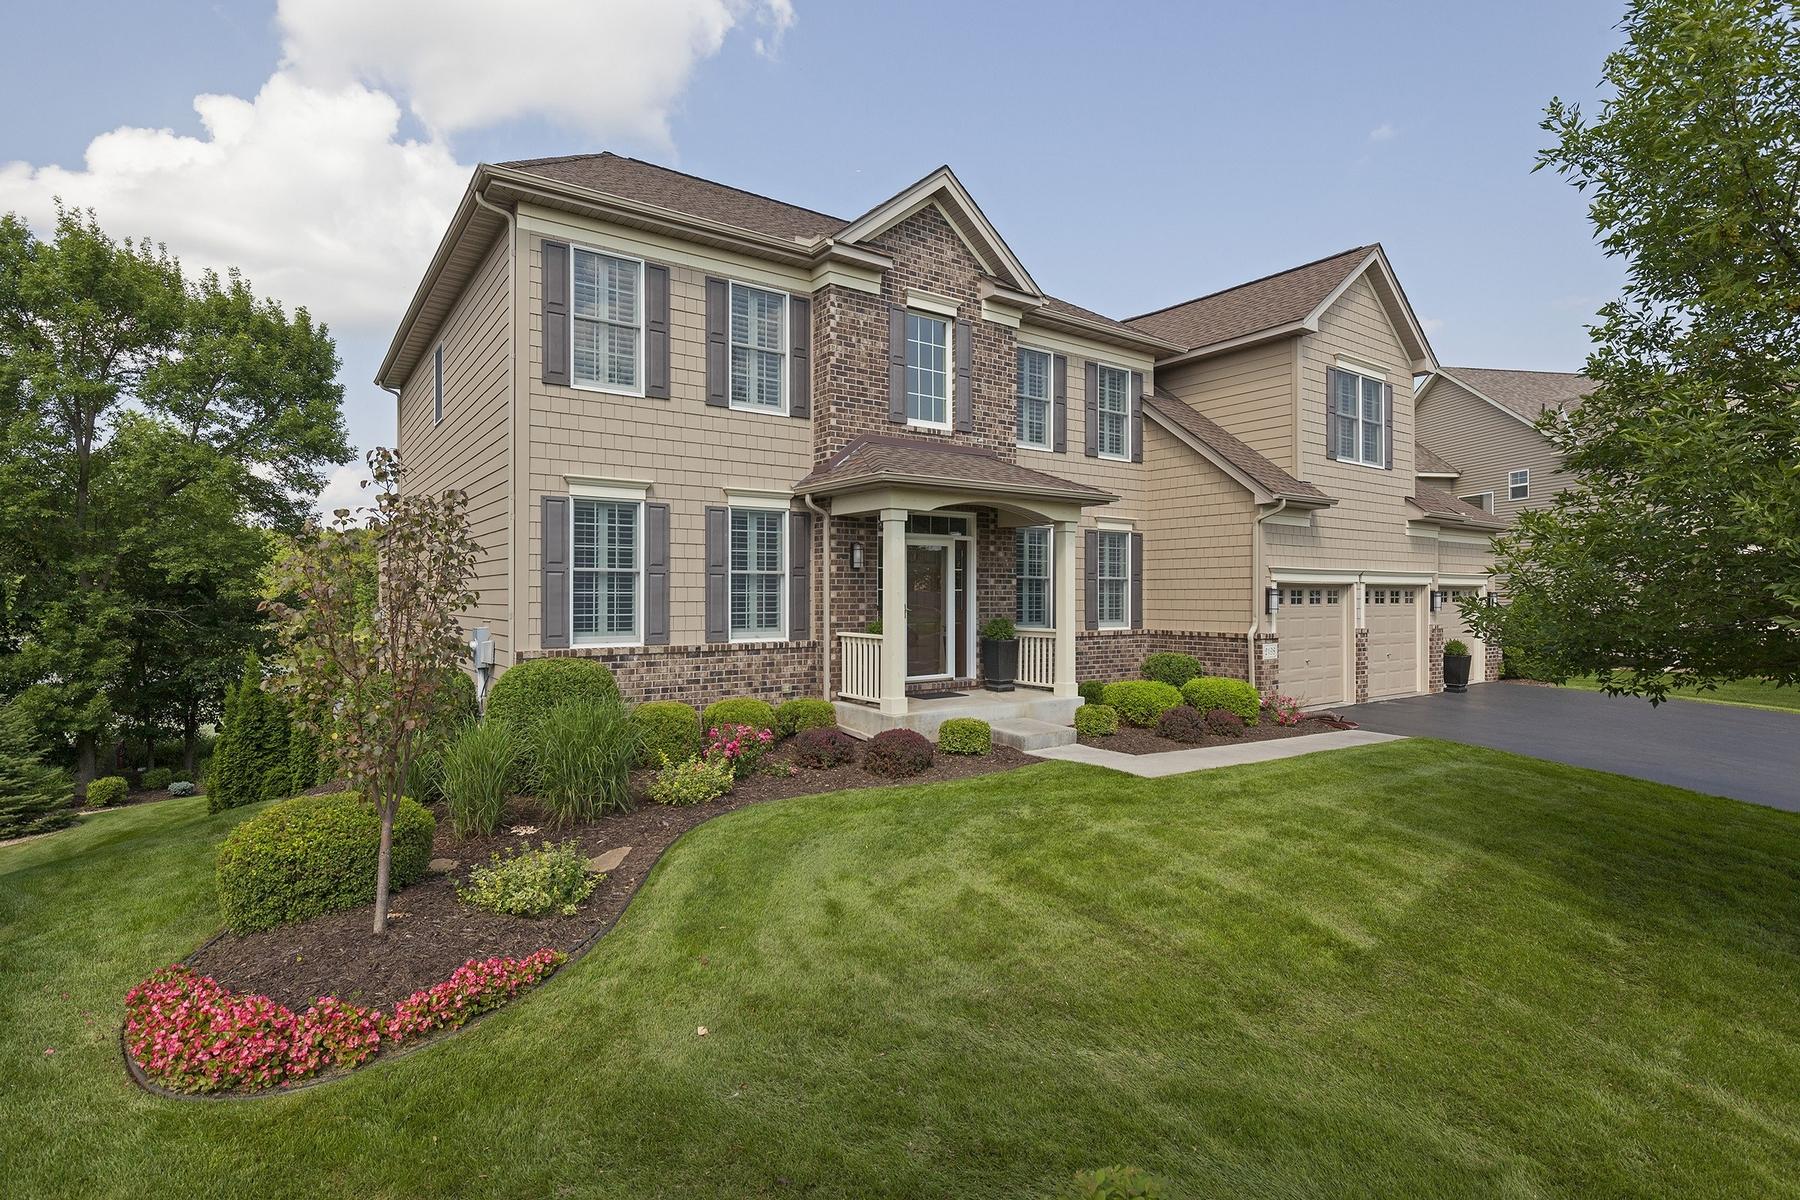 Einfamilienhaus für Verkauf beim 2198 Belmont Avenue NW Prior Lake, Minnesota 55379 Vereinigte Staaten